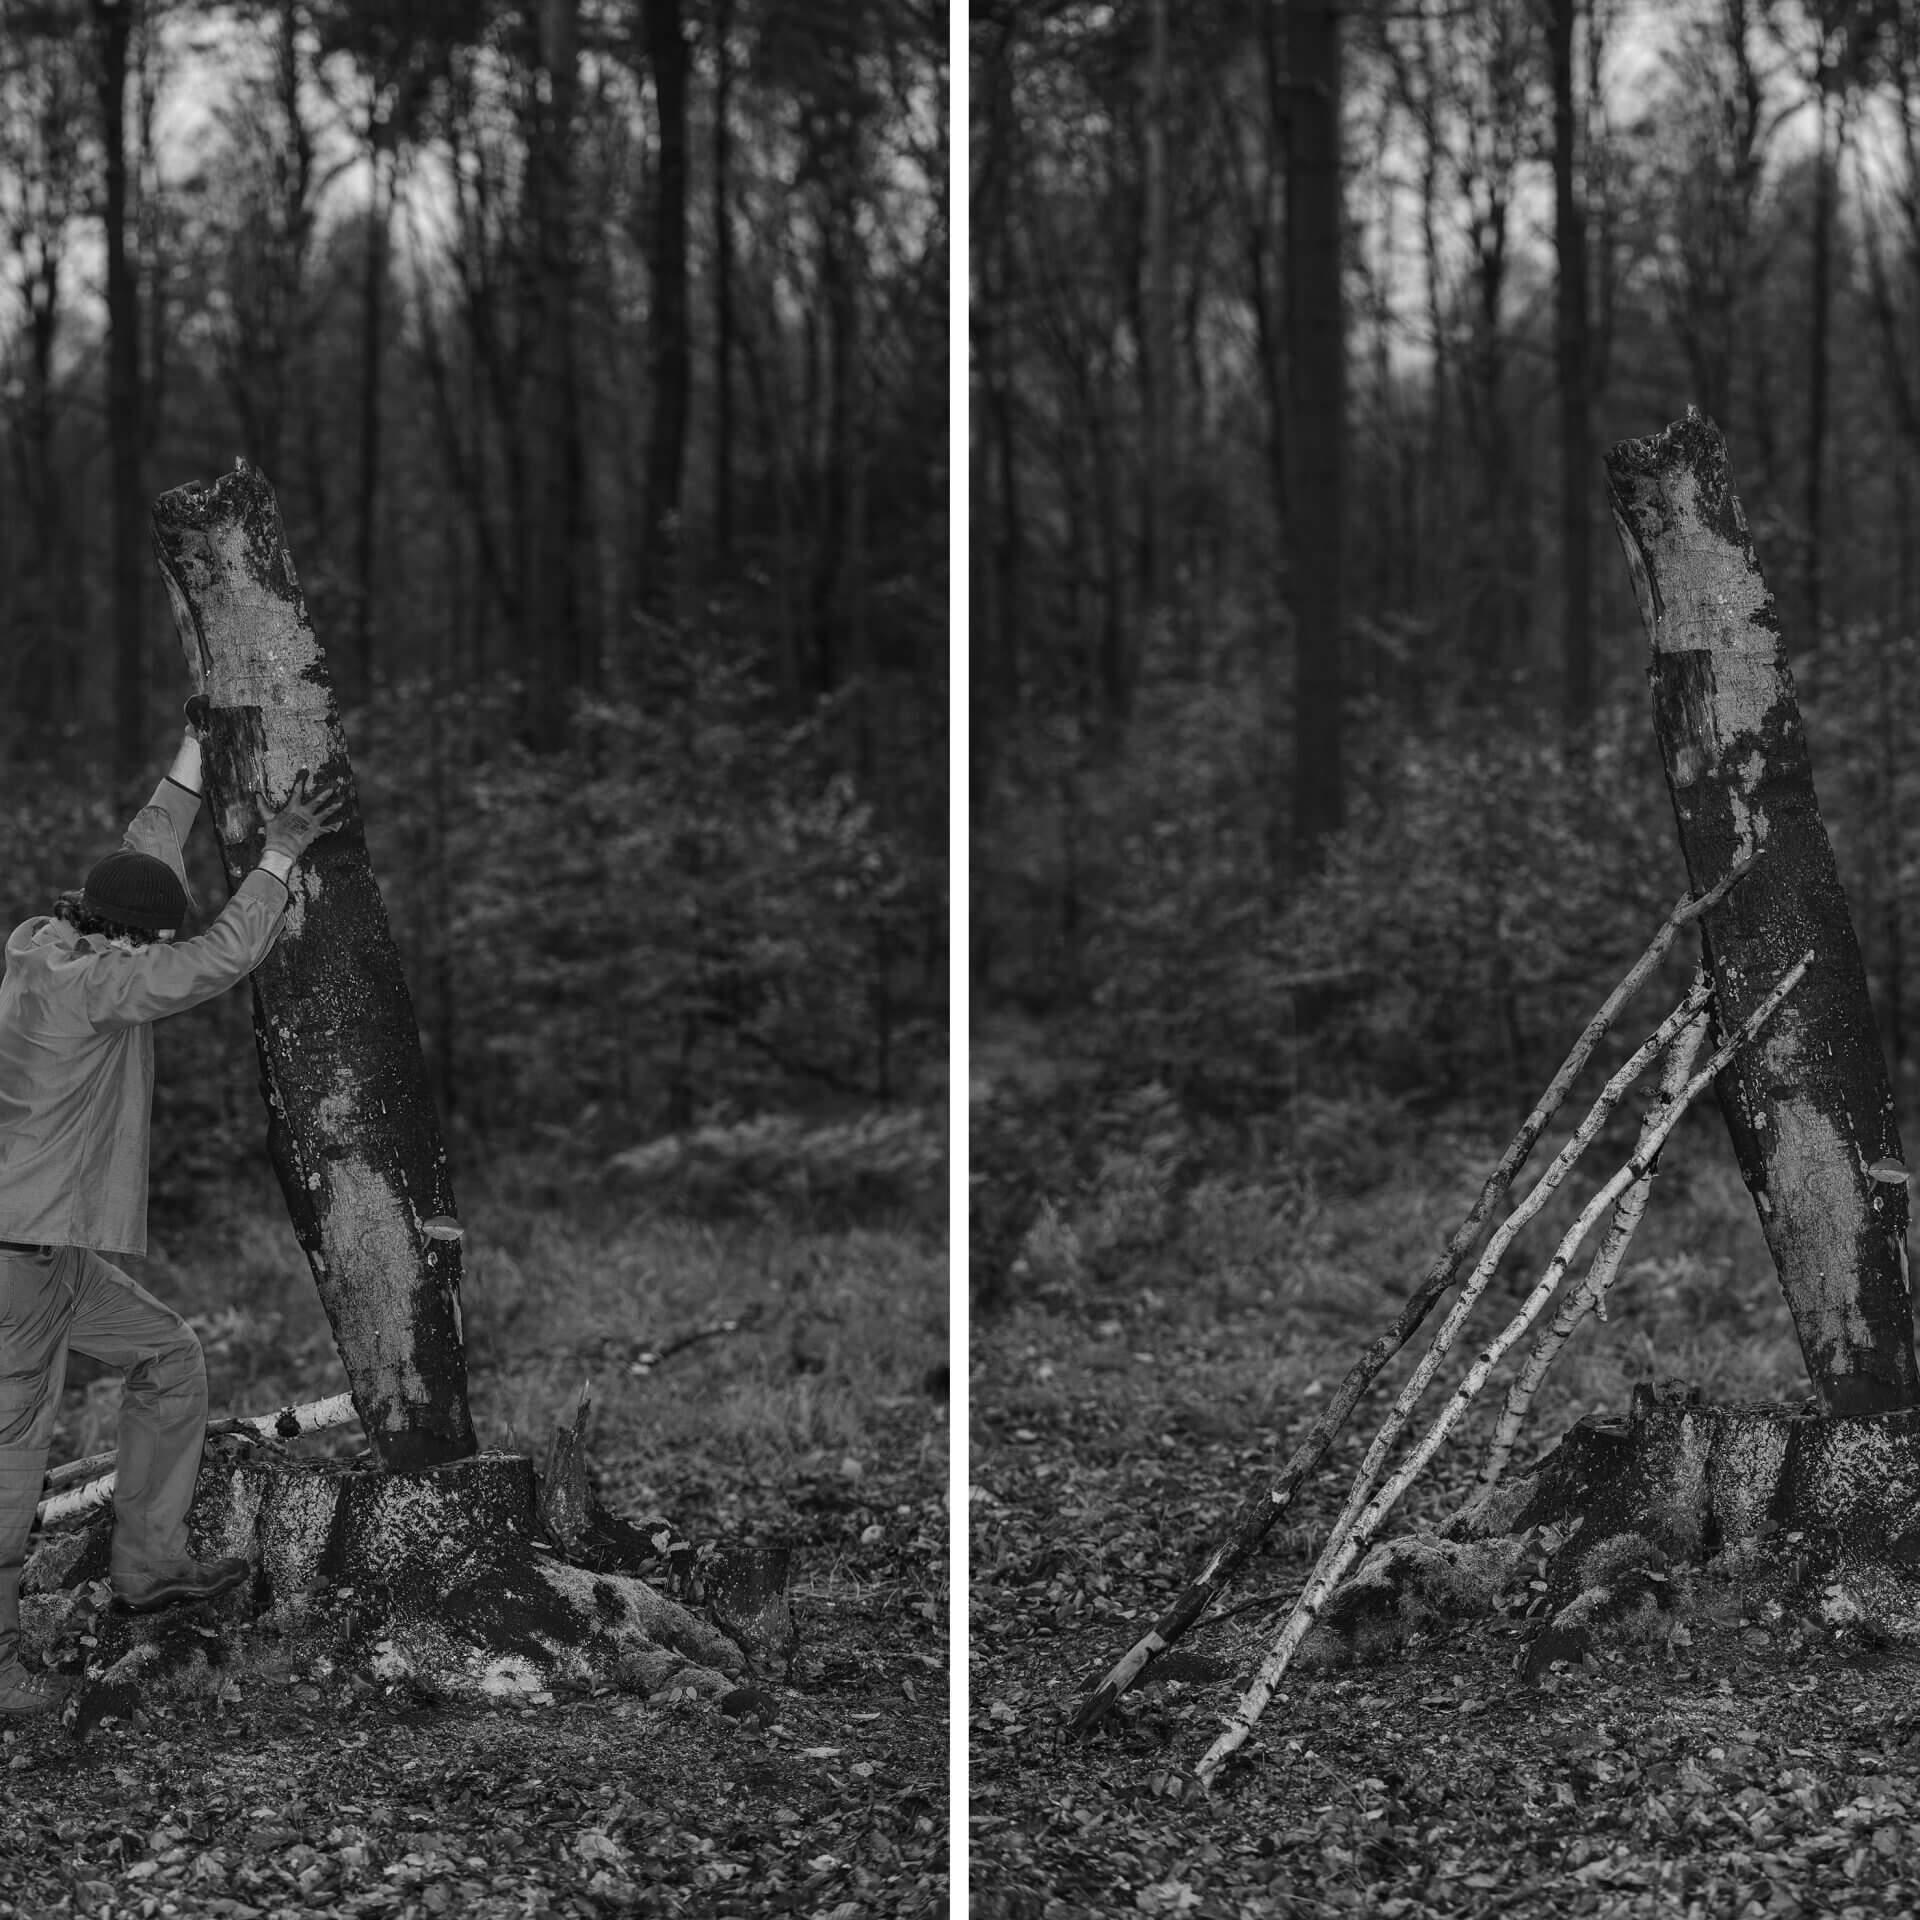 prace-lesne-Michal-Luczak